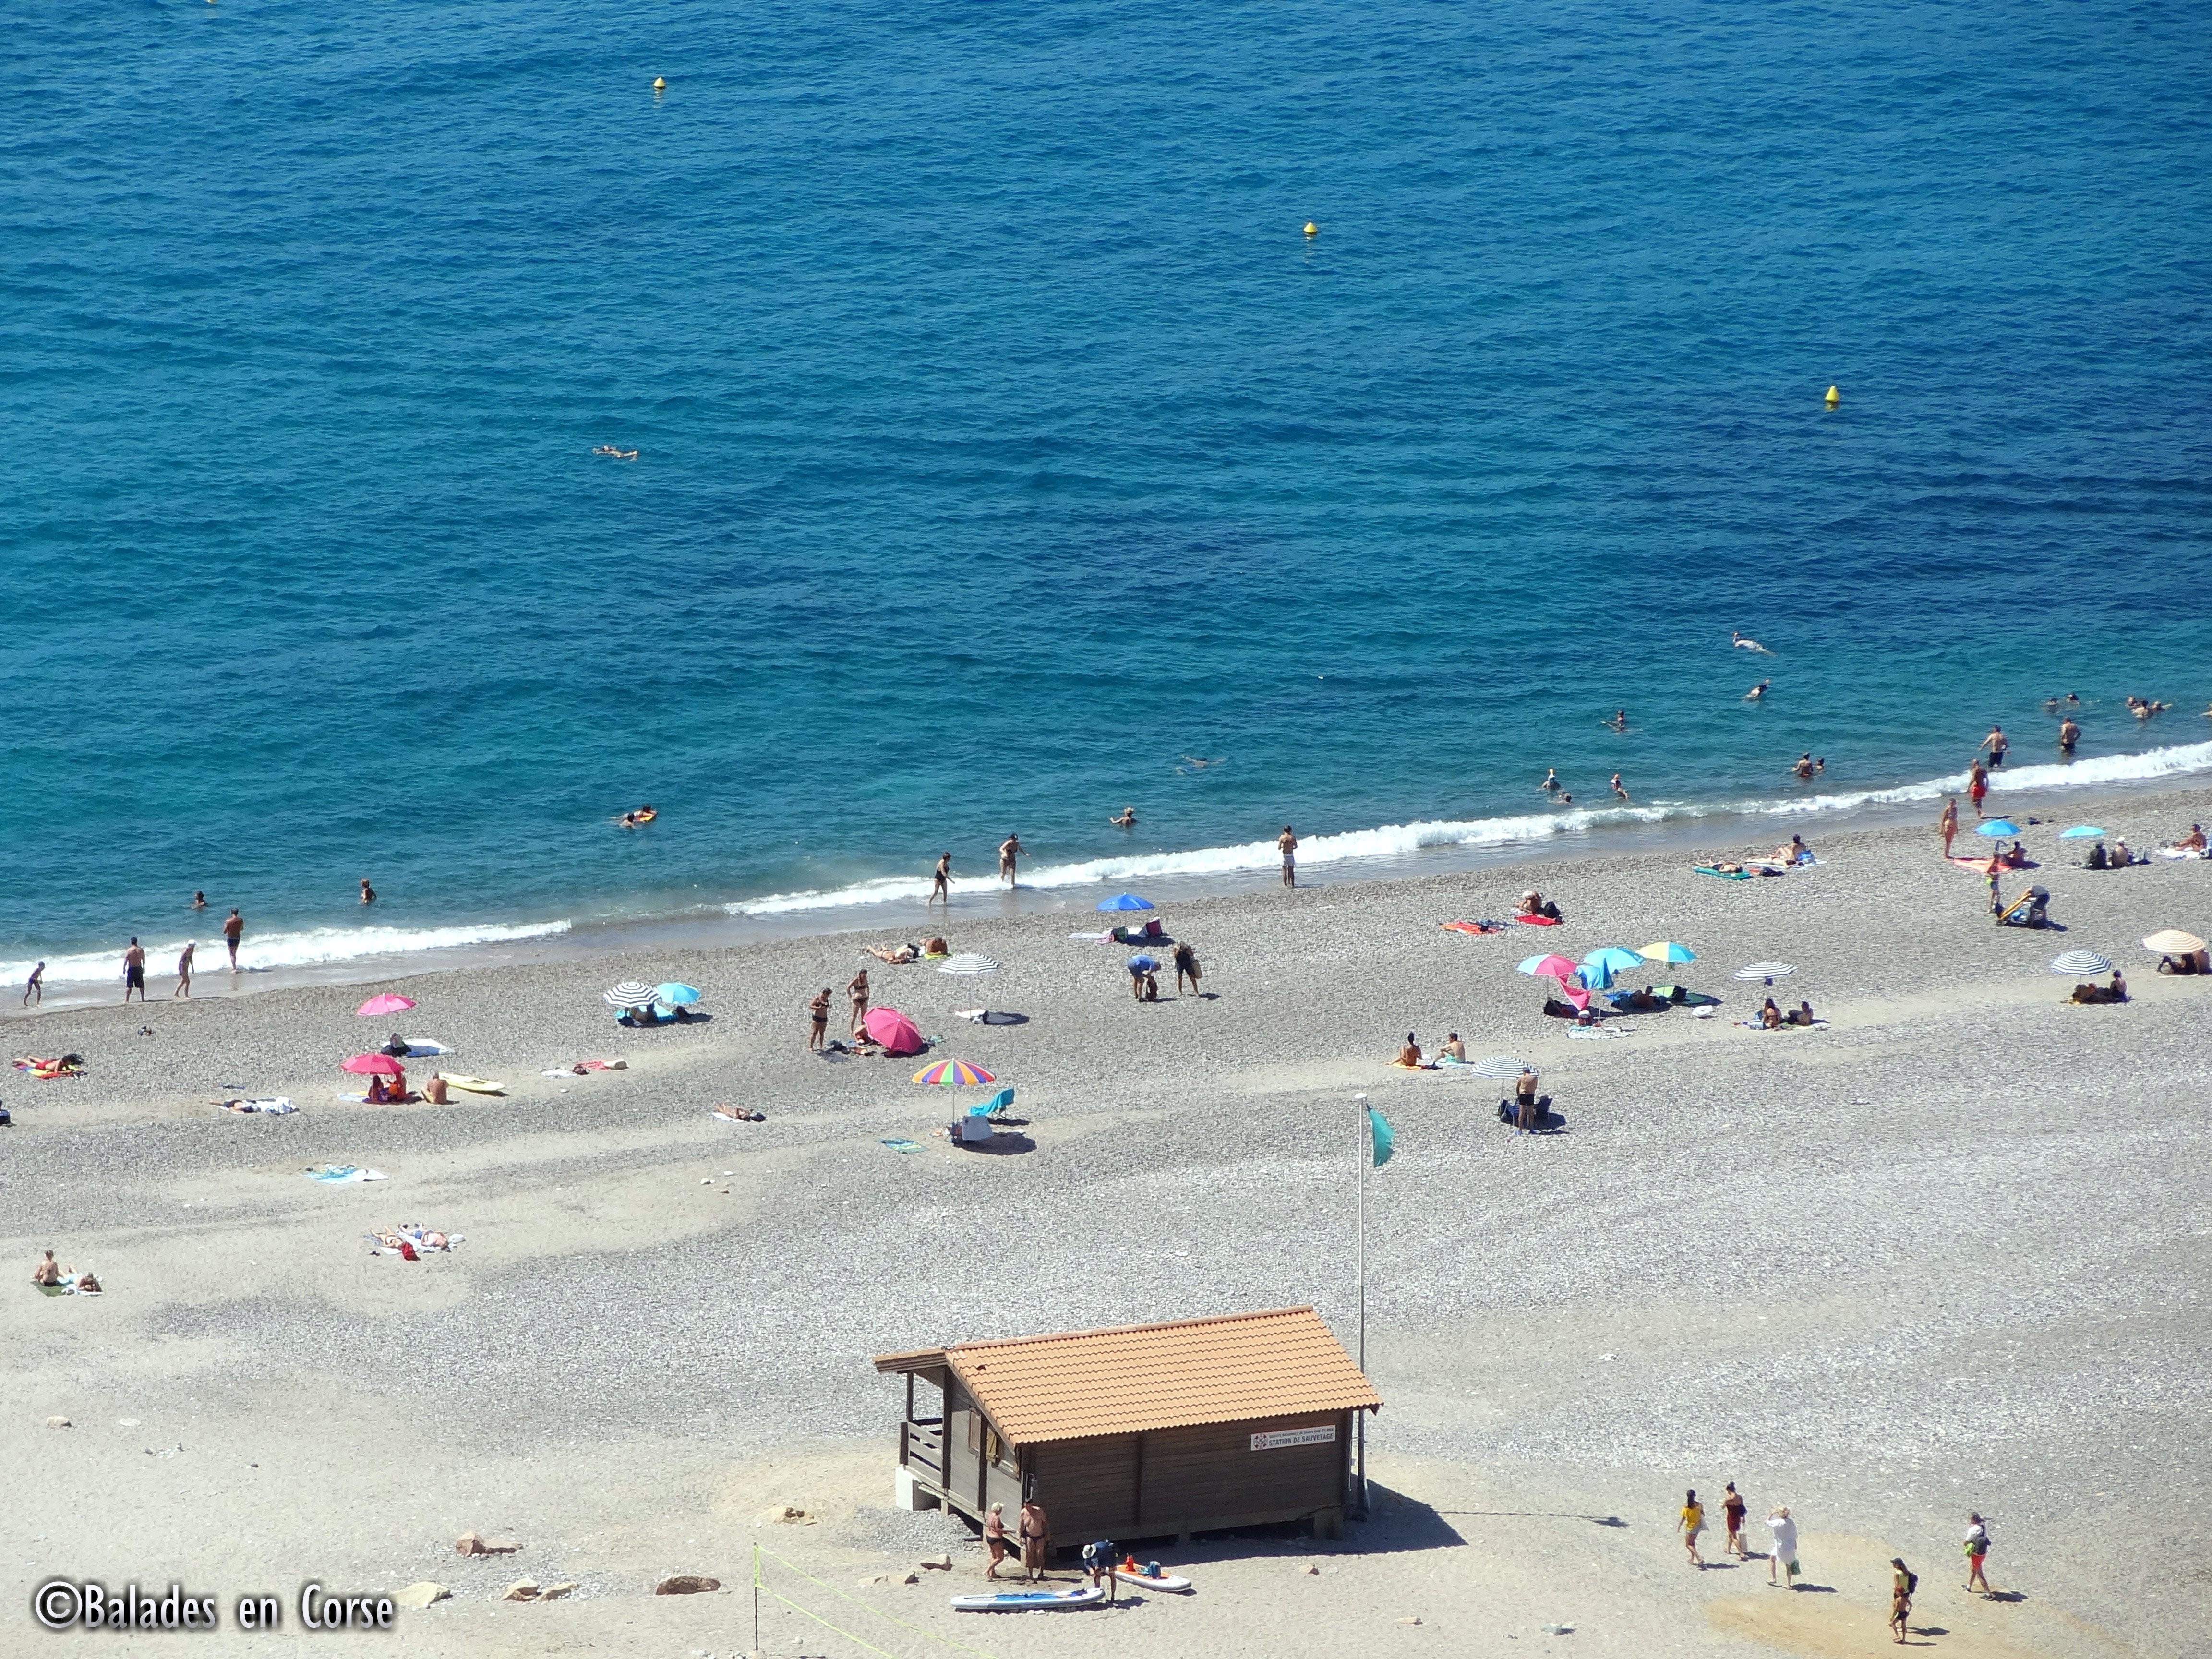 Balade sen Corse | Porto